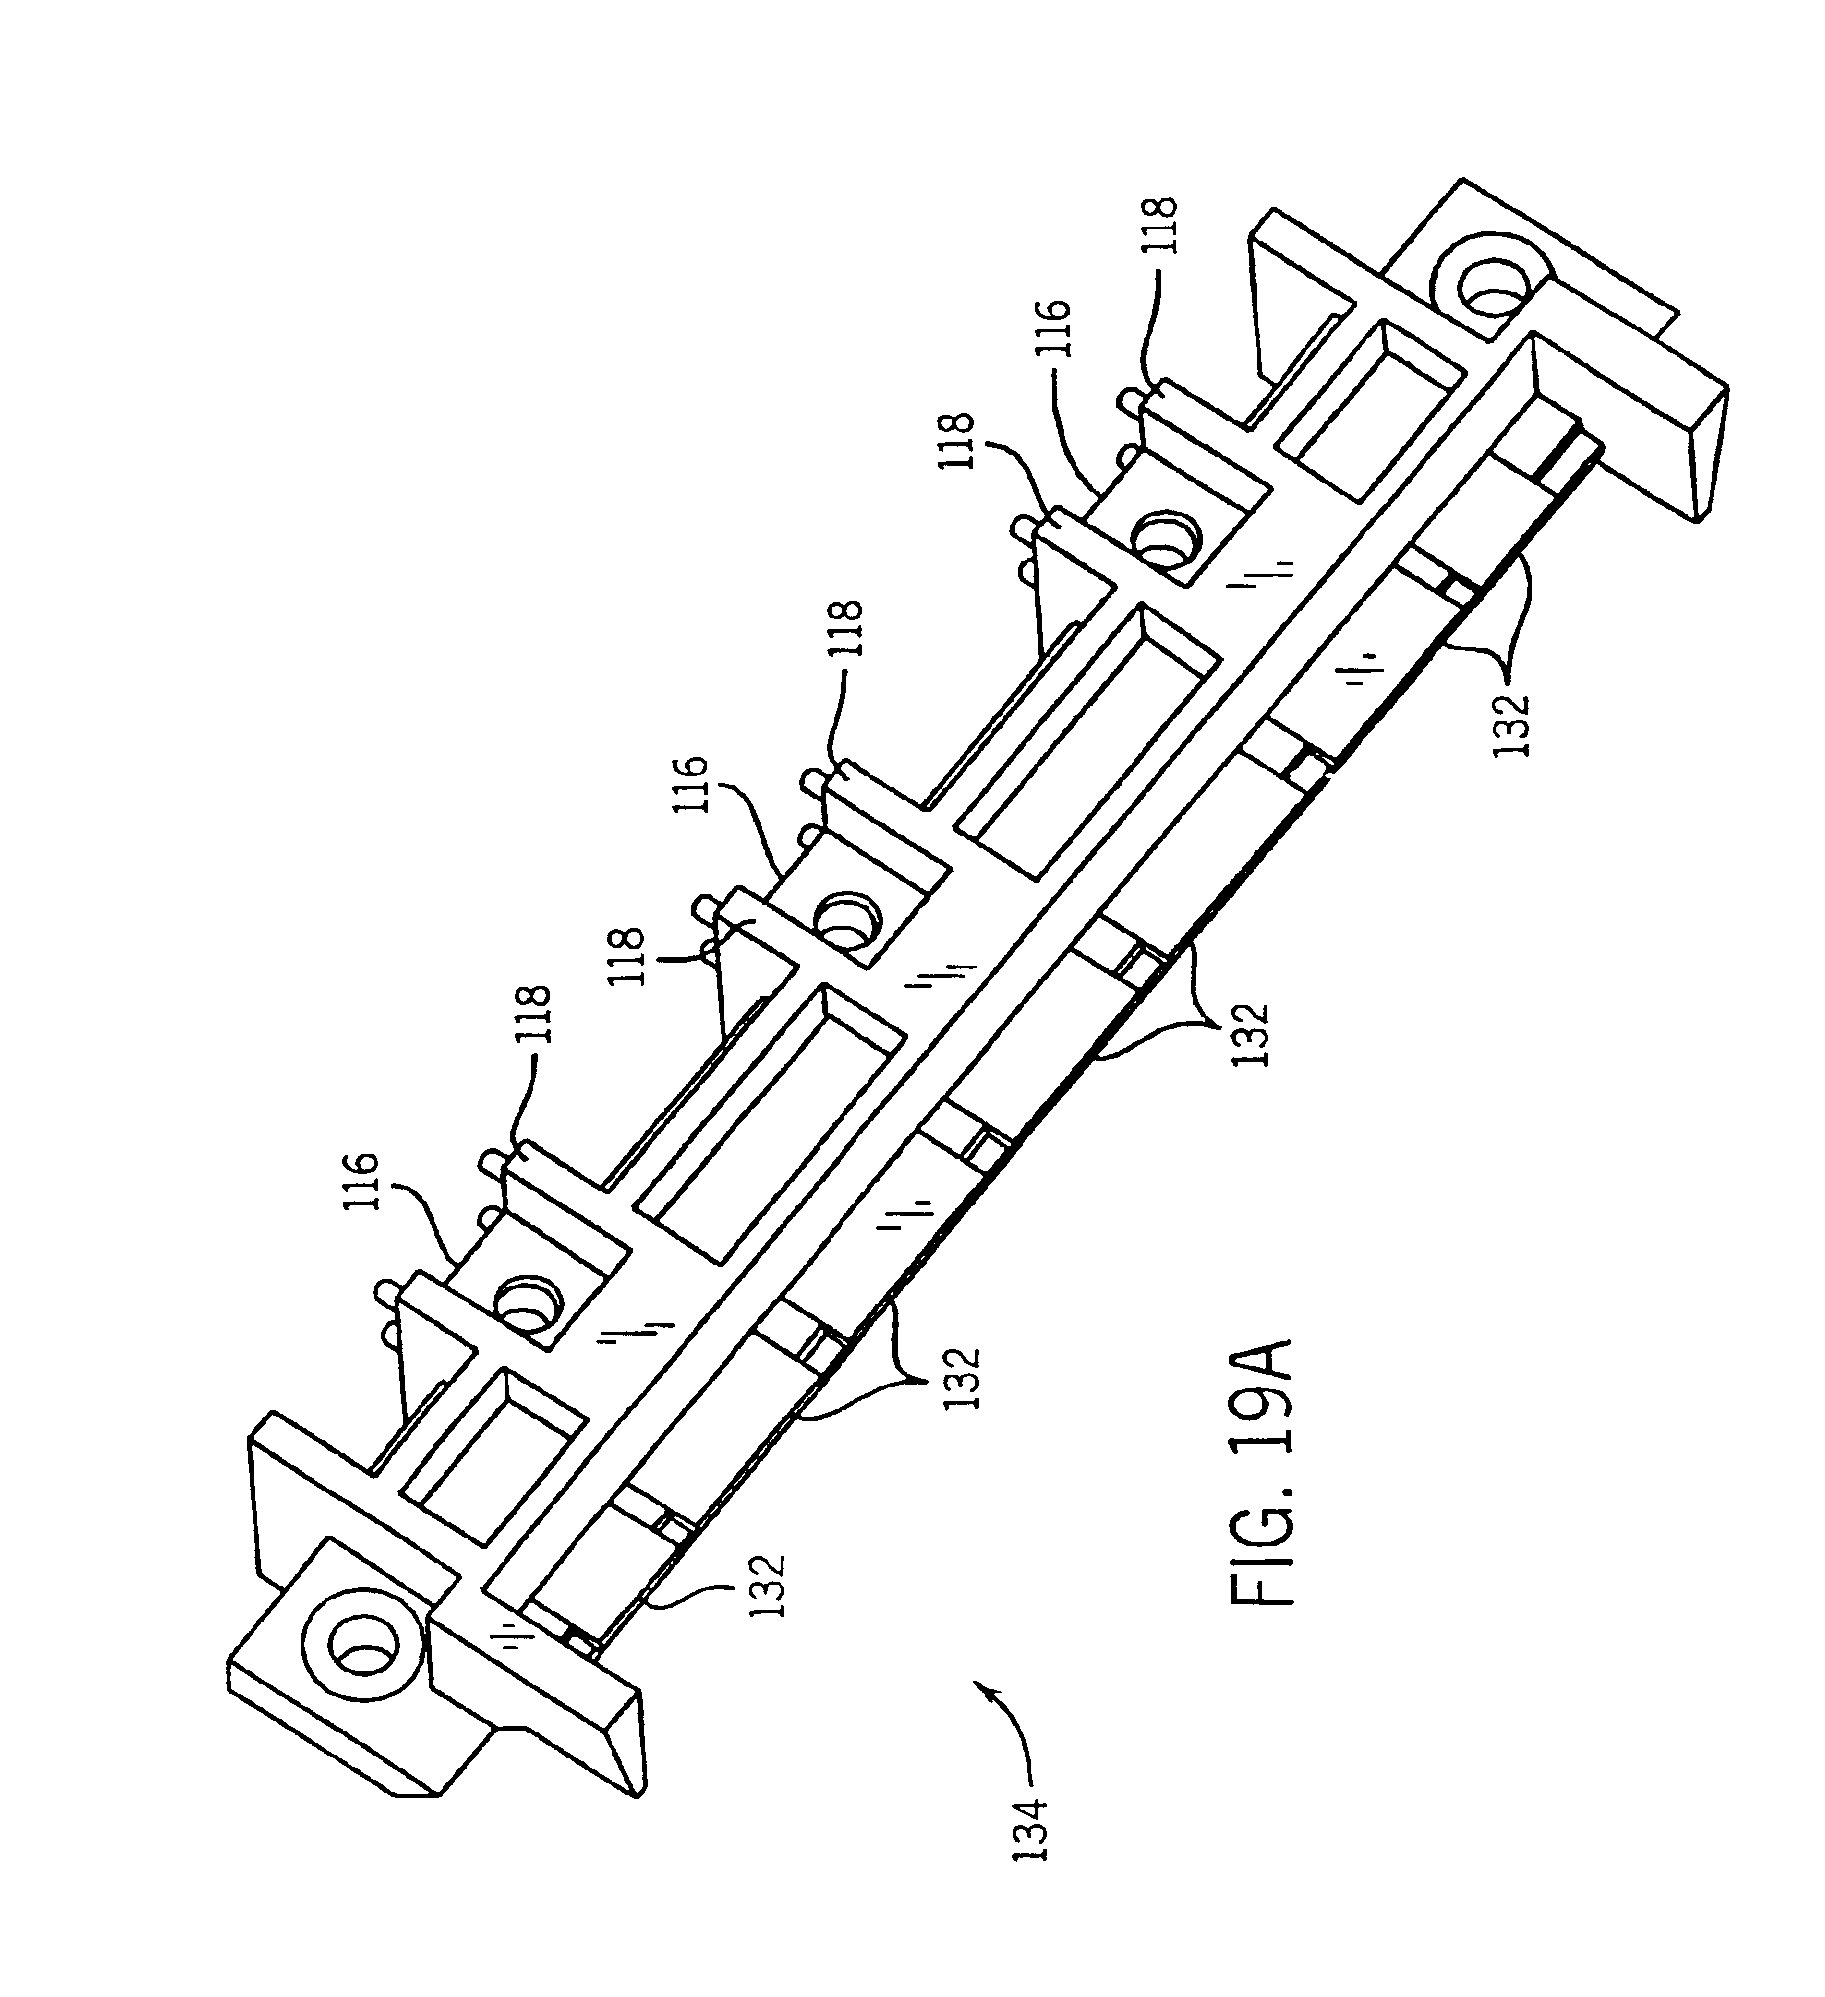 Wiring Manual PDF: 110v To 220v Breaker Box Wiring Diagram